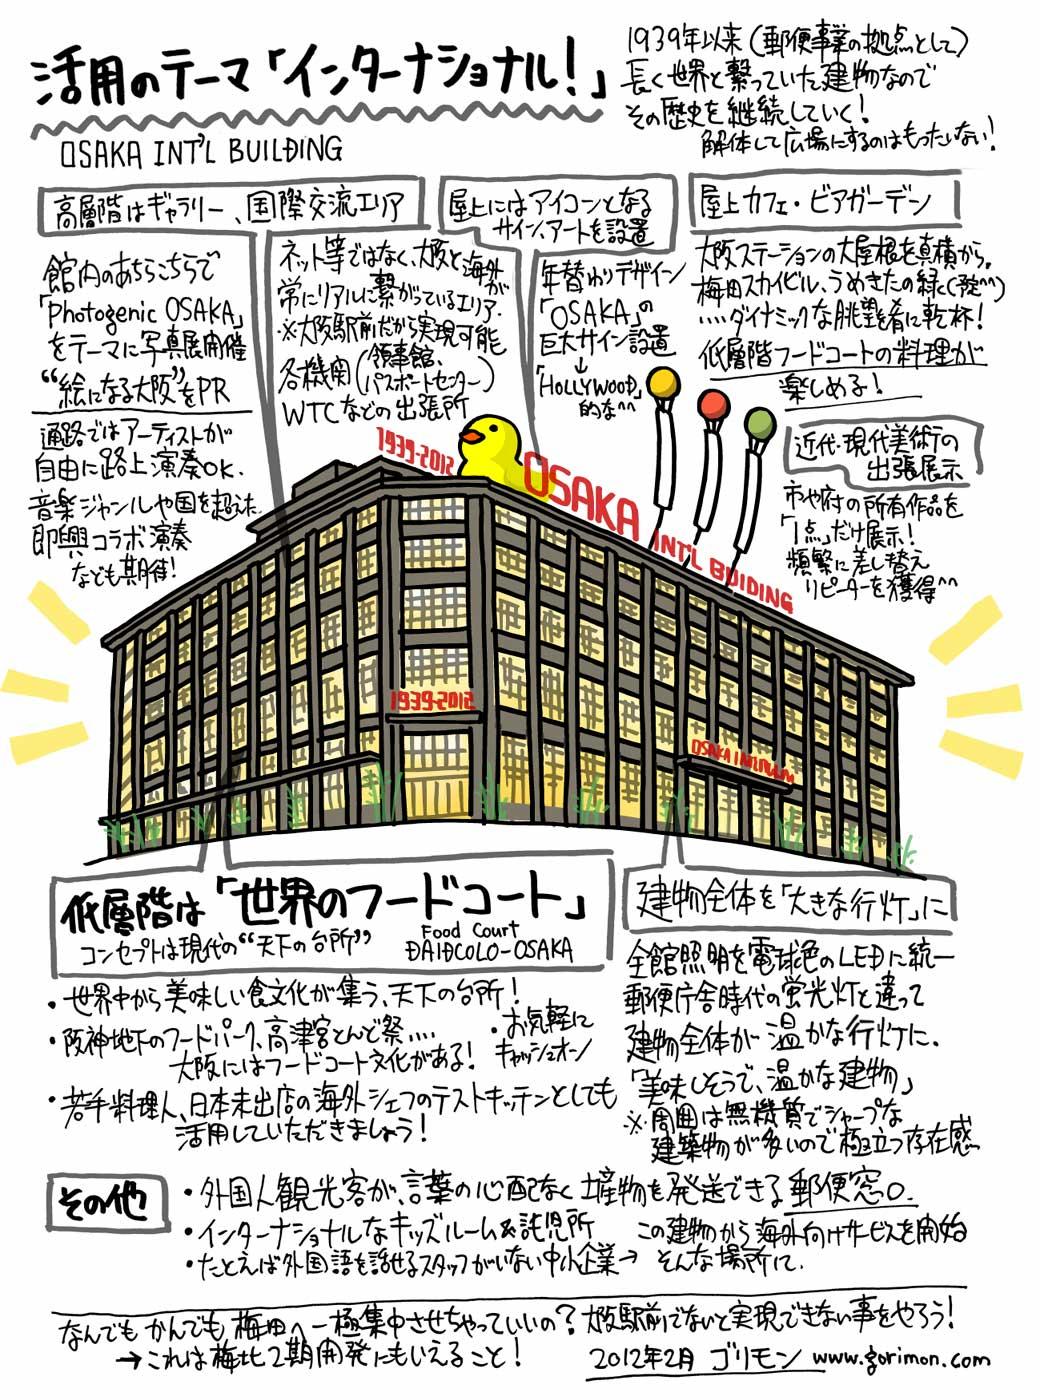 大阪中央郵便局リノベーション案